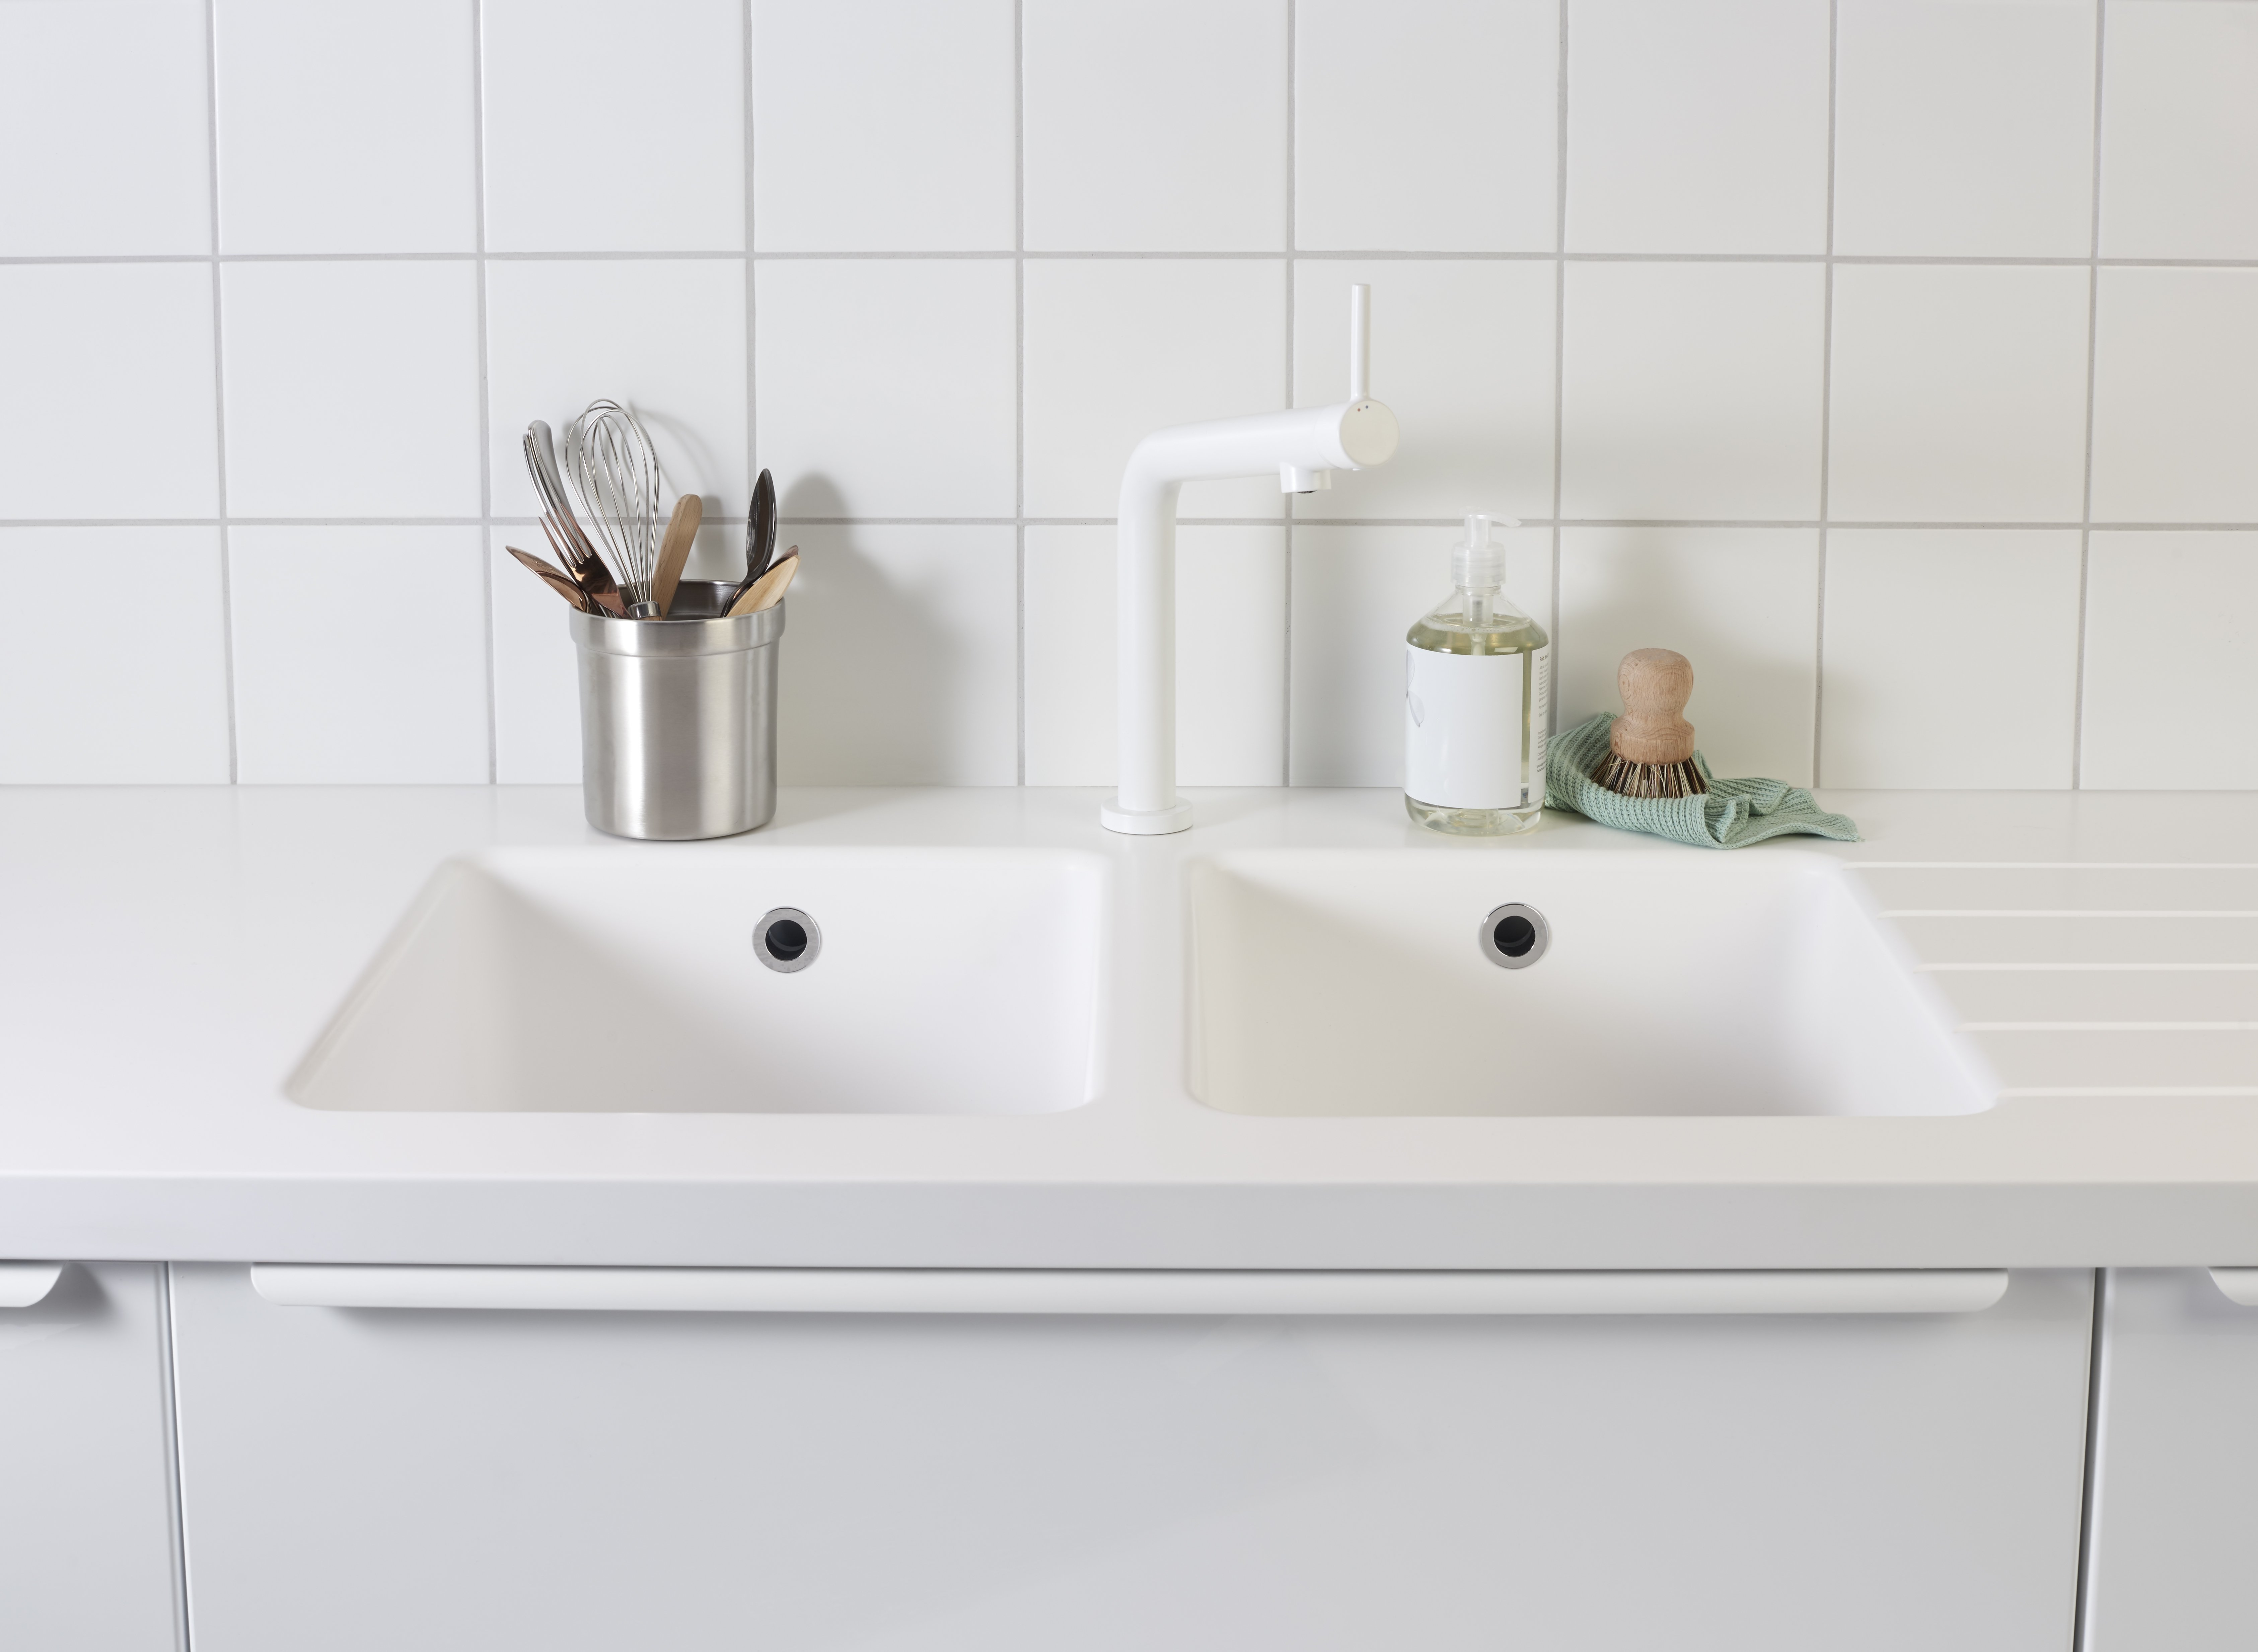 Miscelatori per la cucina per risparmiare acqua cose di casa - Miscelatori bagno ikea ...